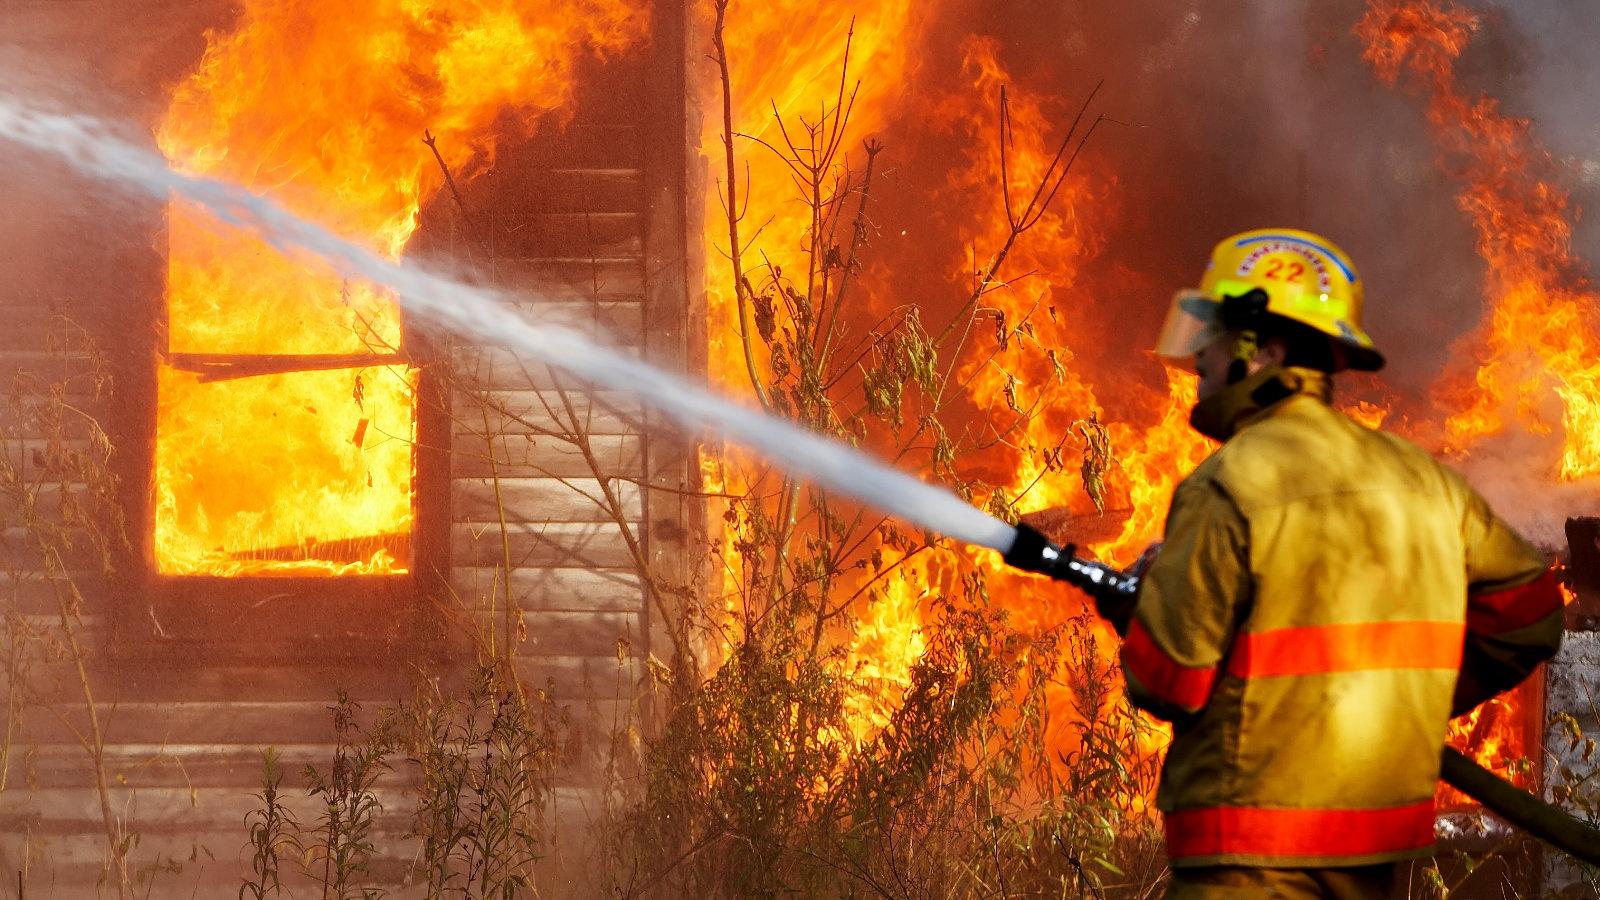 В Рюмино загорелся жилой дом и сарай